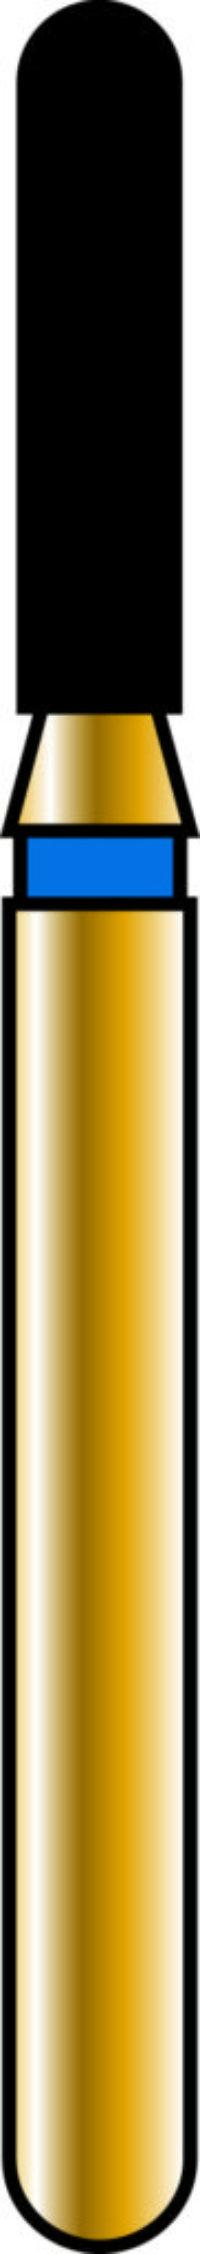 Round End Cylinder 14-6mm Gold Diamond Bur